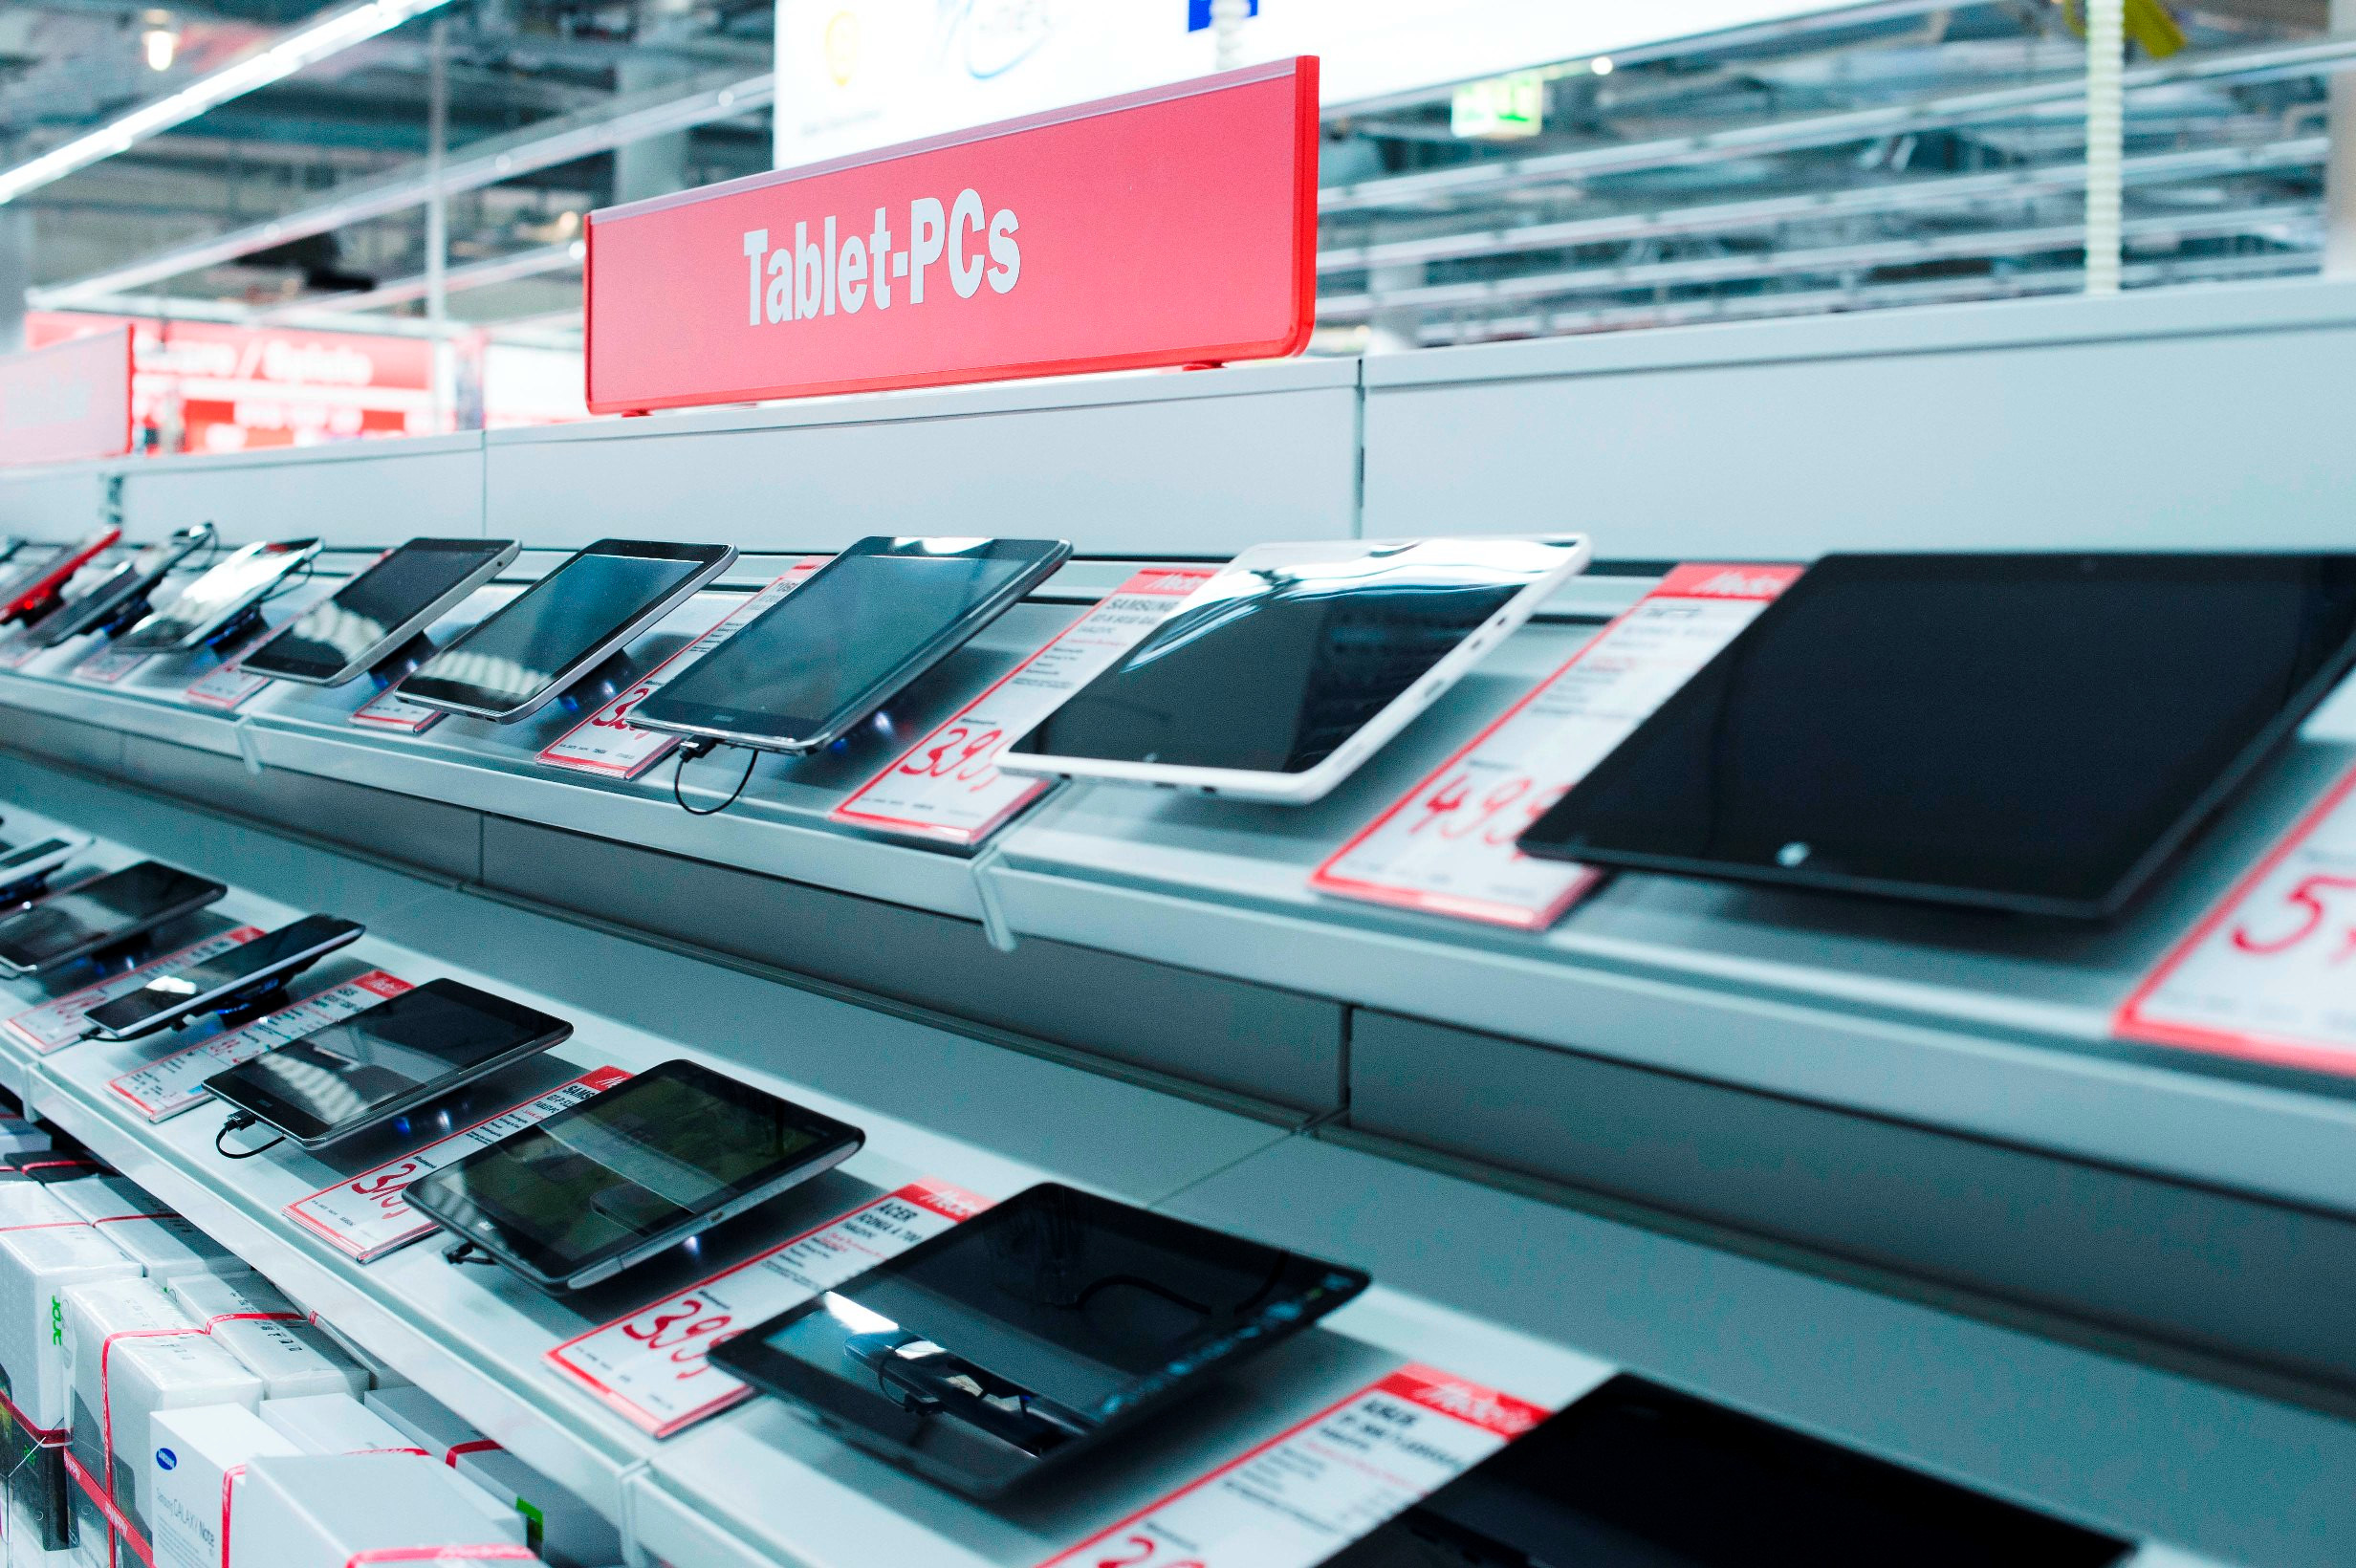 mediamarkt-tablets